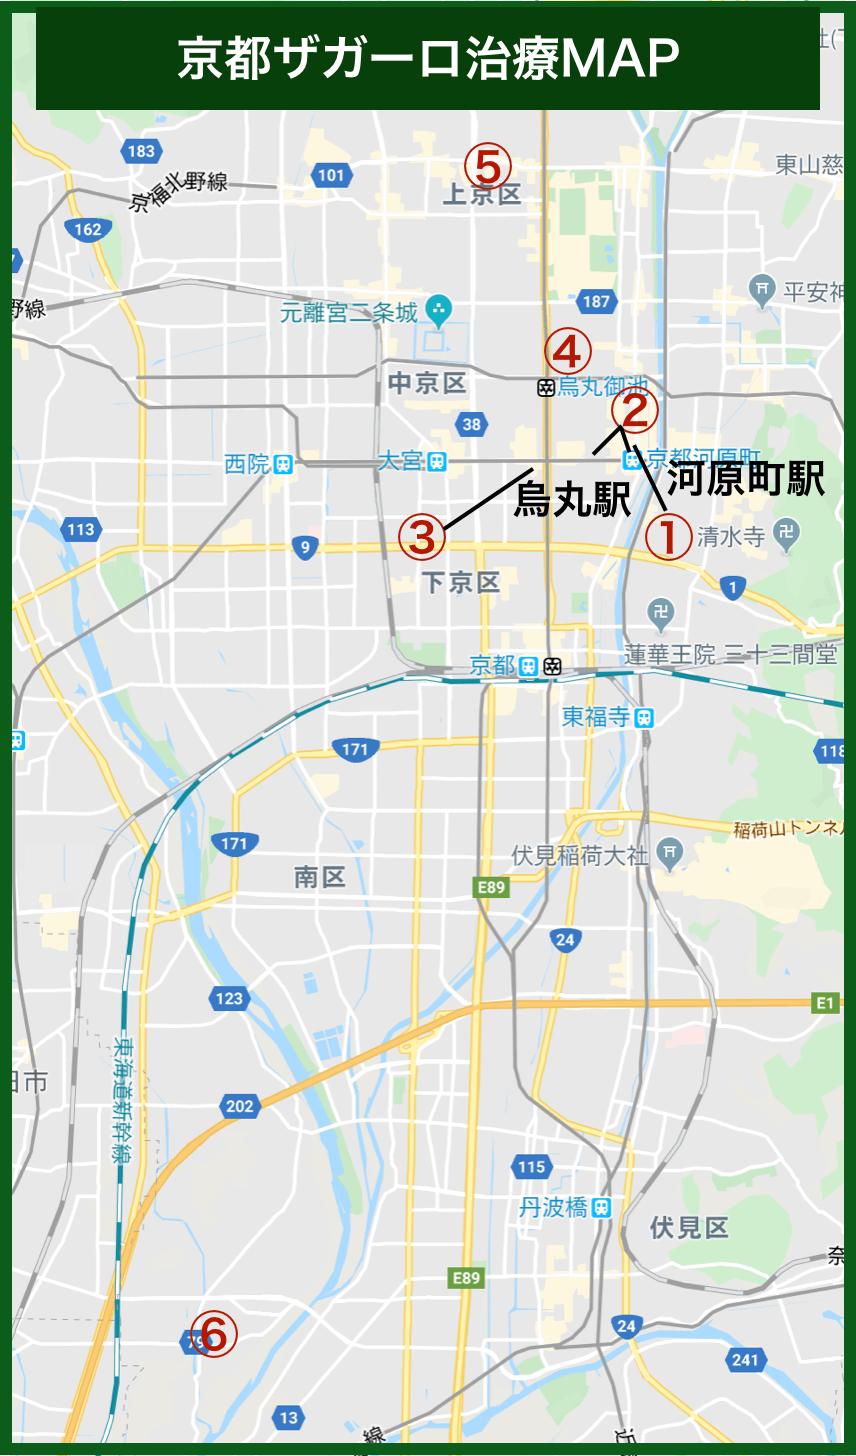 京都ザガーロ治療MAP(2020年版)